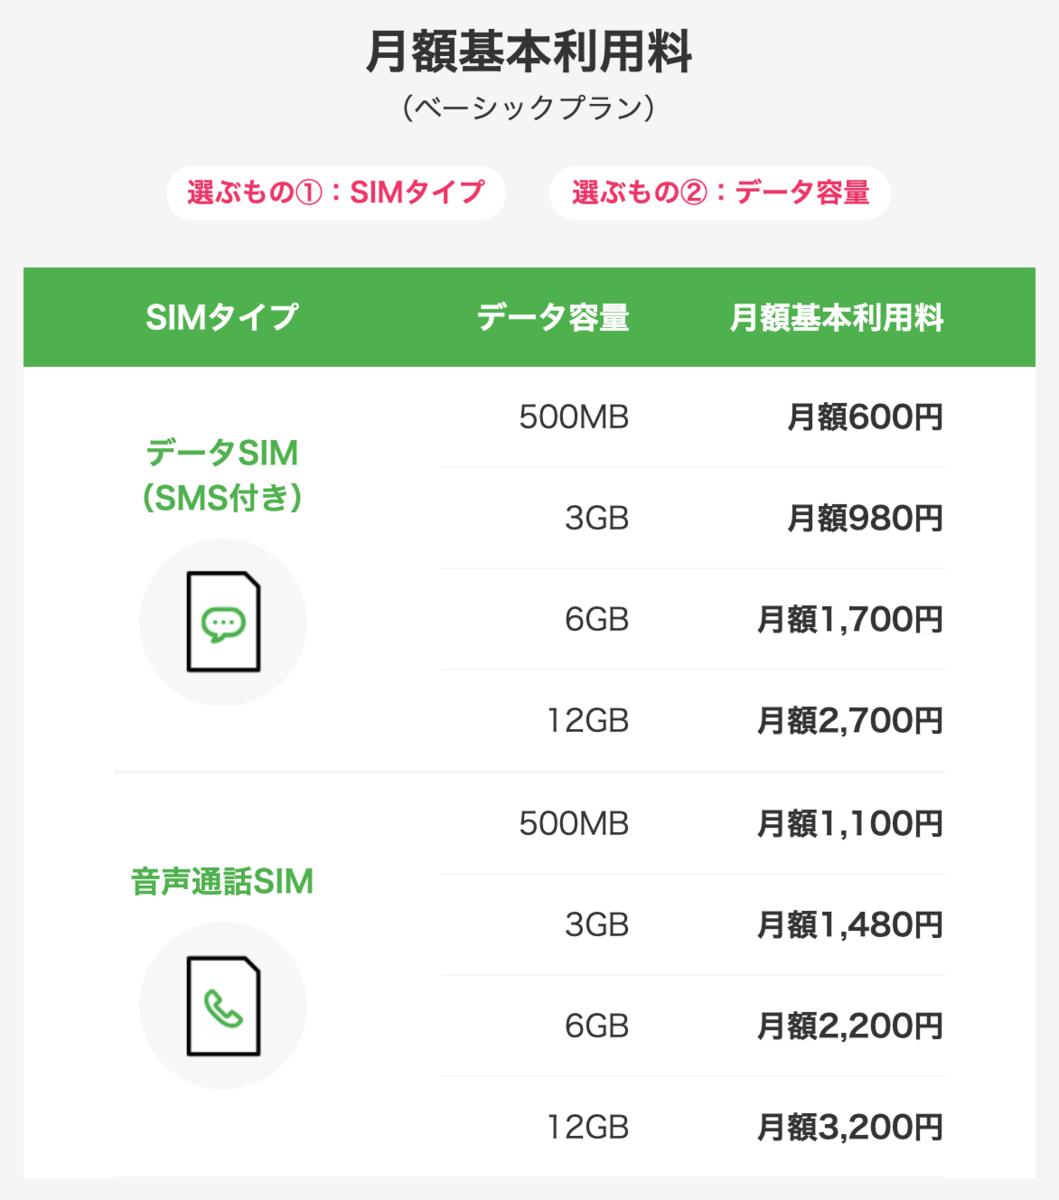 f:id:Saku-Saku:20200402190122p:plain